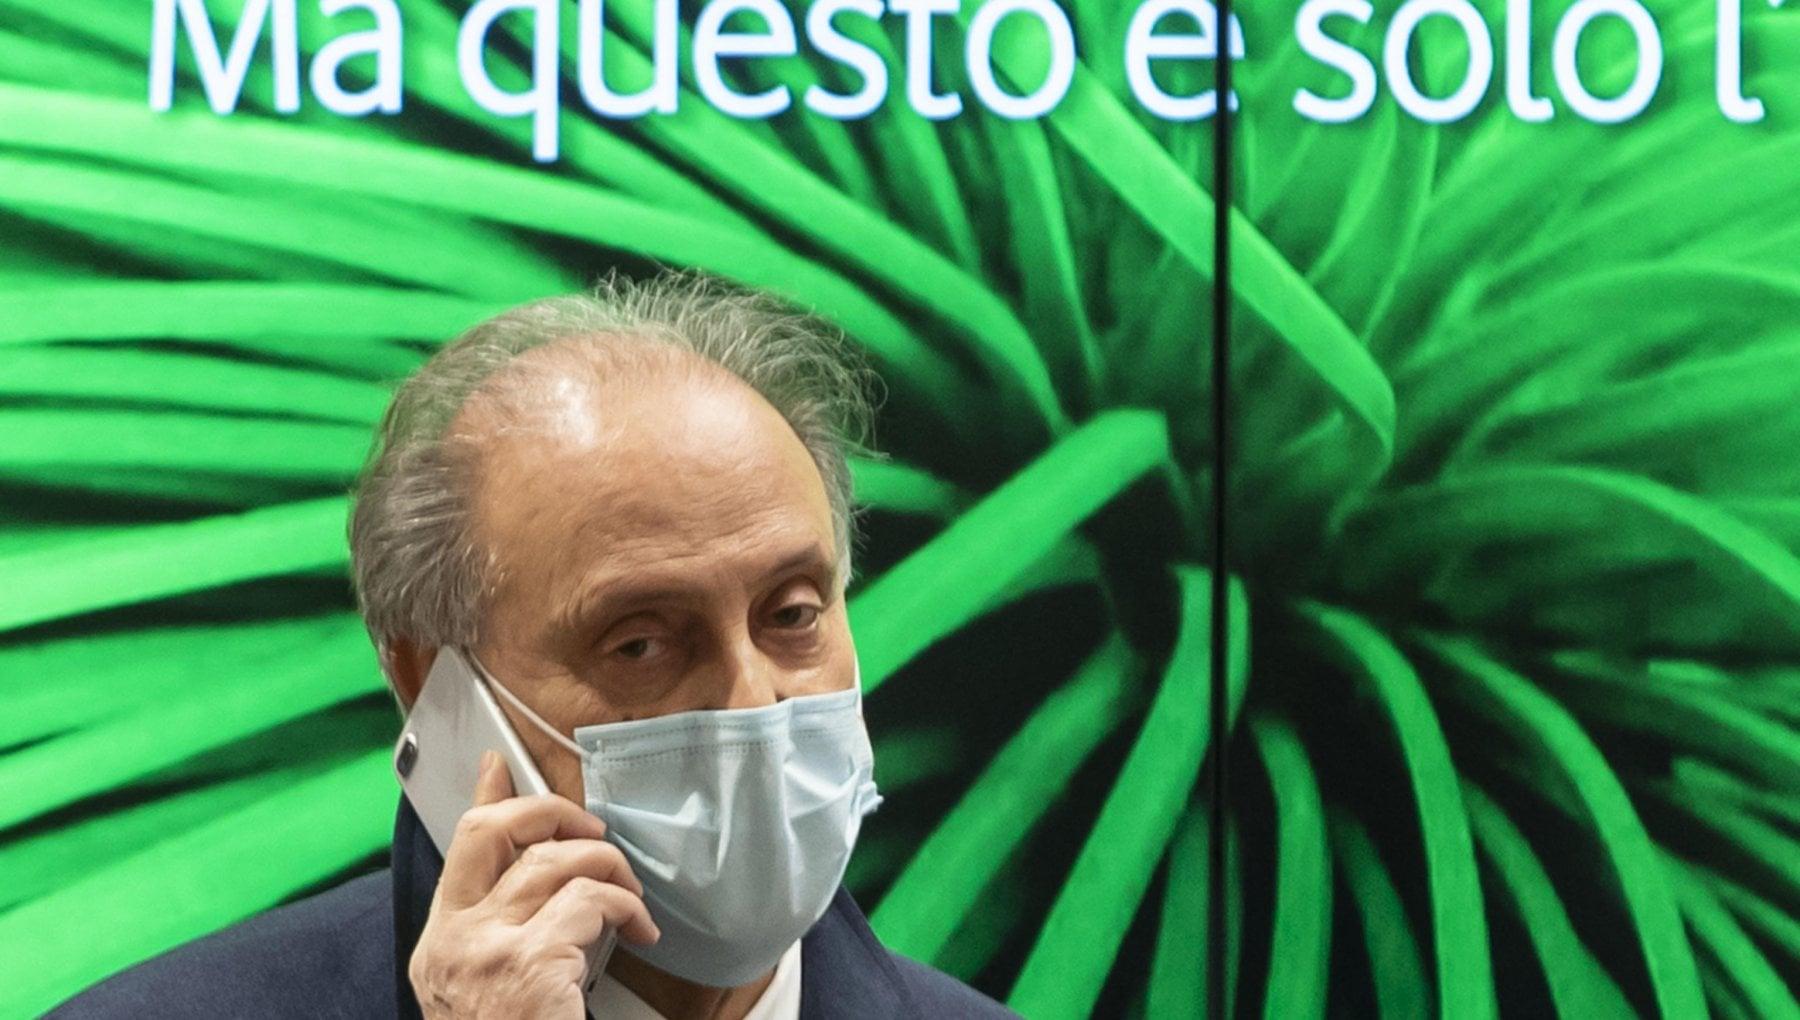 Cesa dalla Dc a Berlusconi. La parabola di un mercante di potere